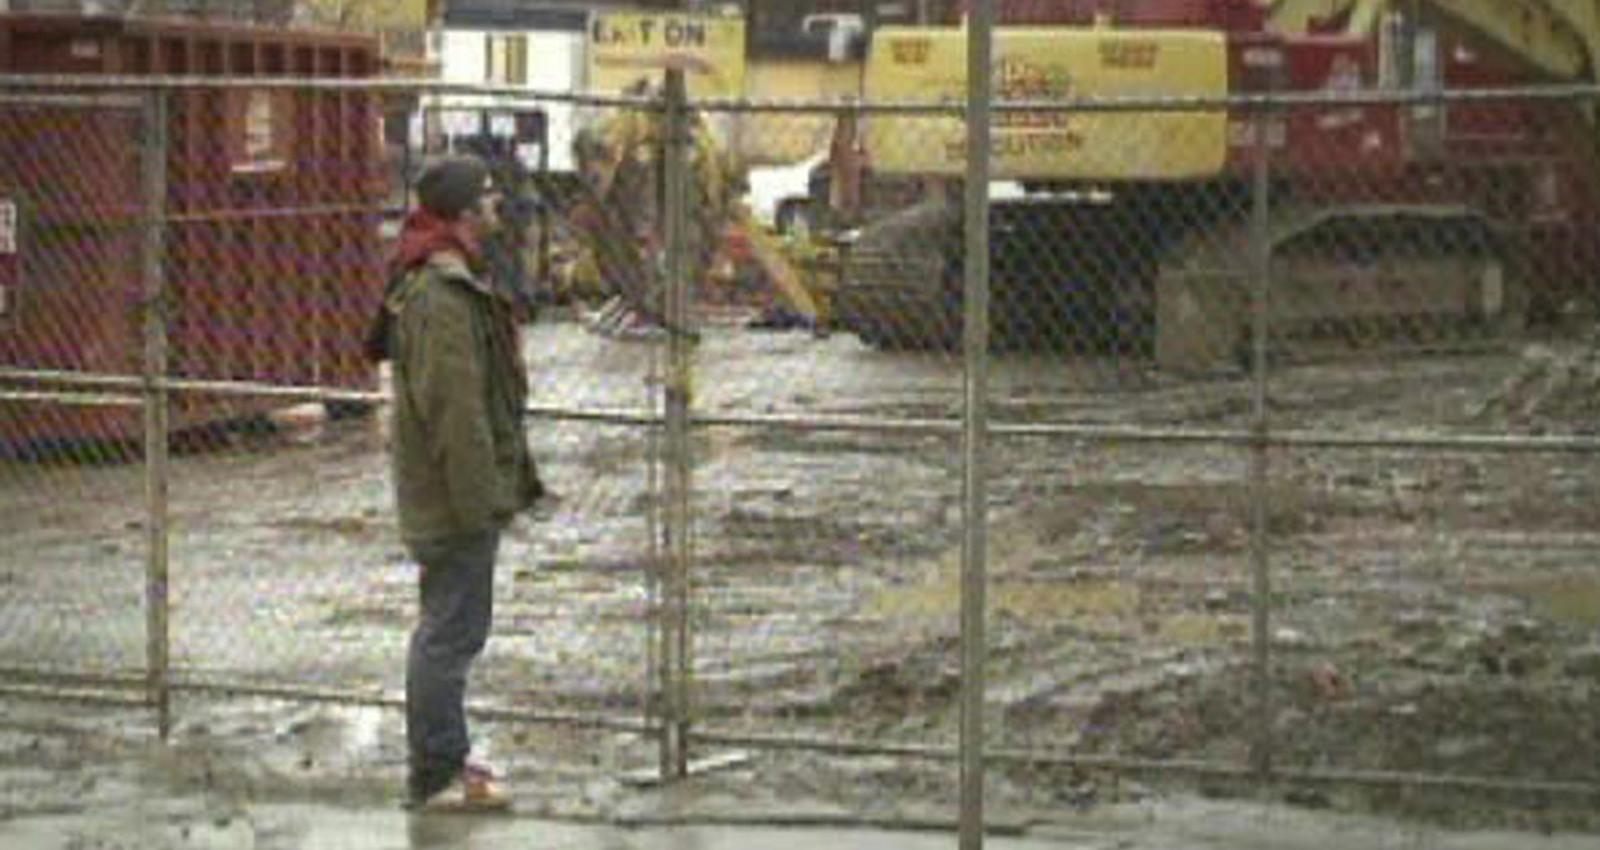 Parking Lot/Construction Site/Bus Stop